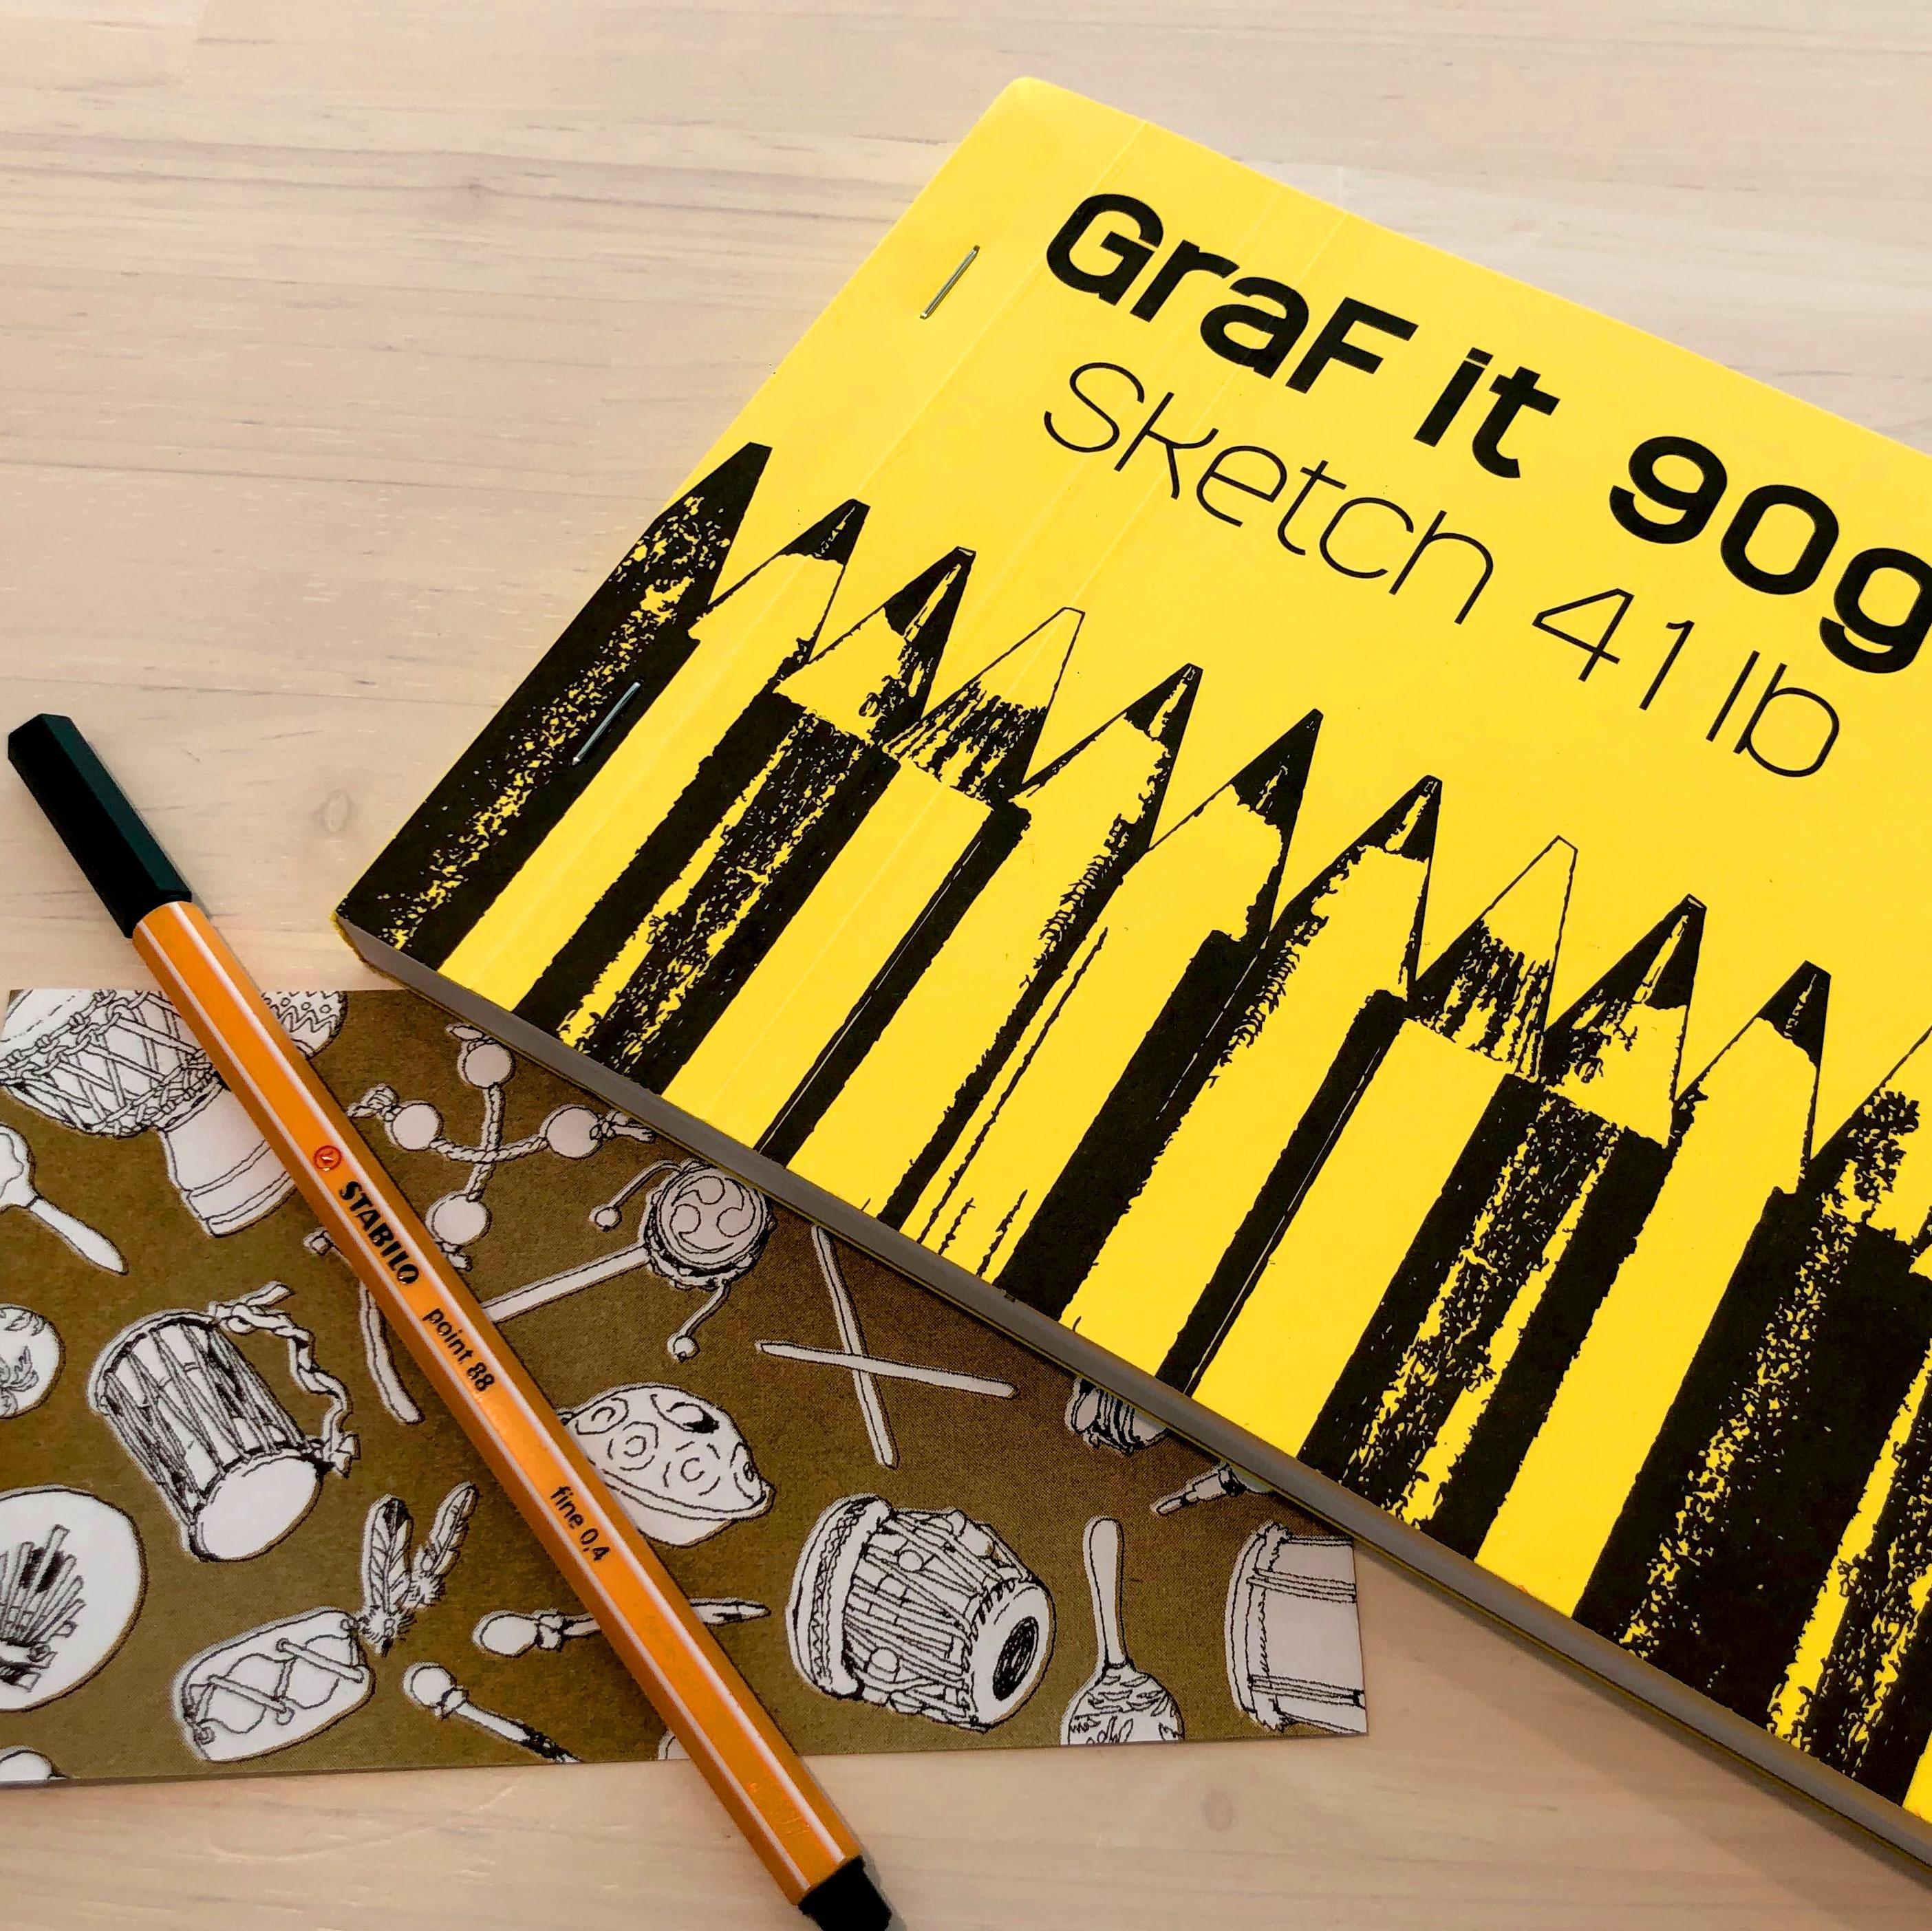 【MAMESUKIで包む小さなお気に入り】心躍るクロッキー帳 クレールフォンテーヌ グラフィット